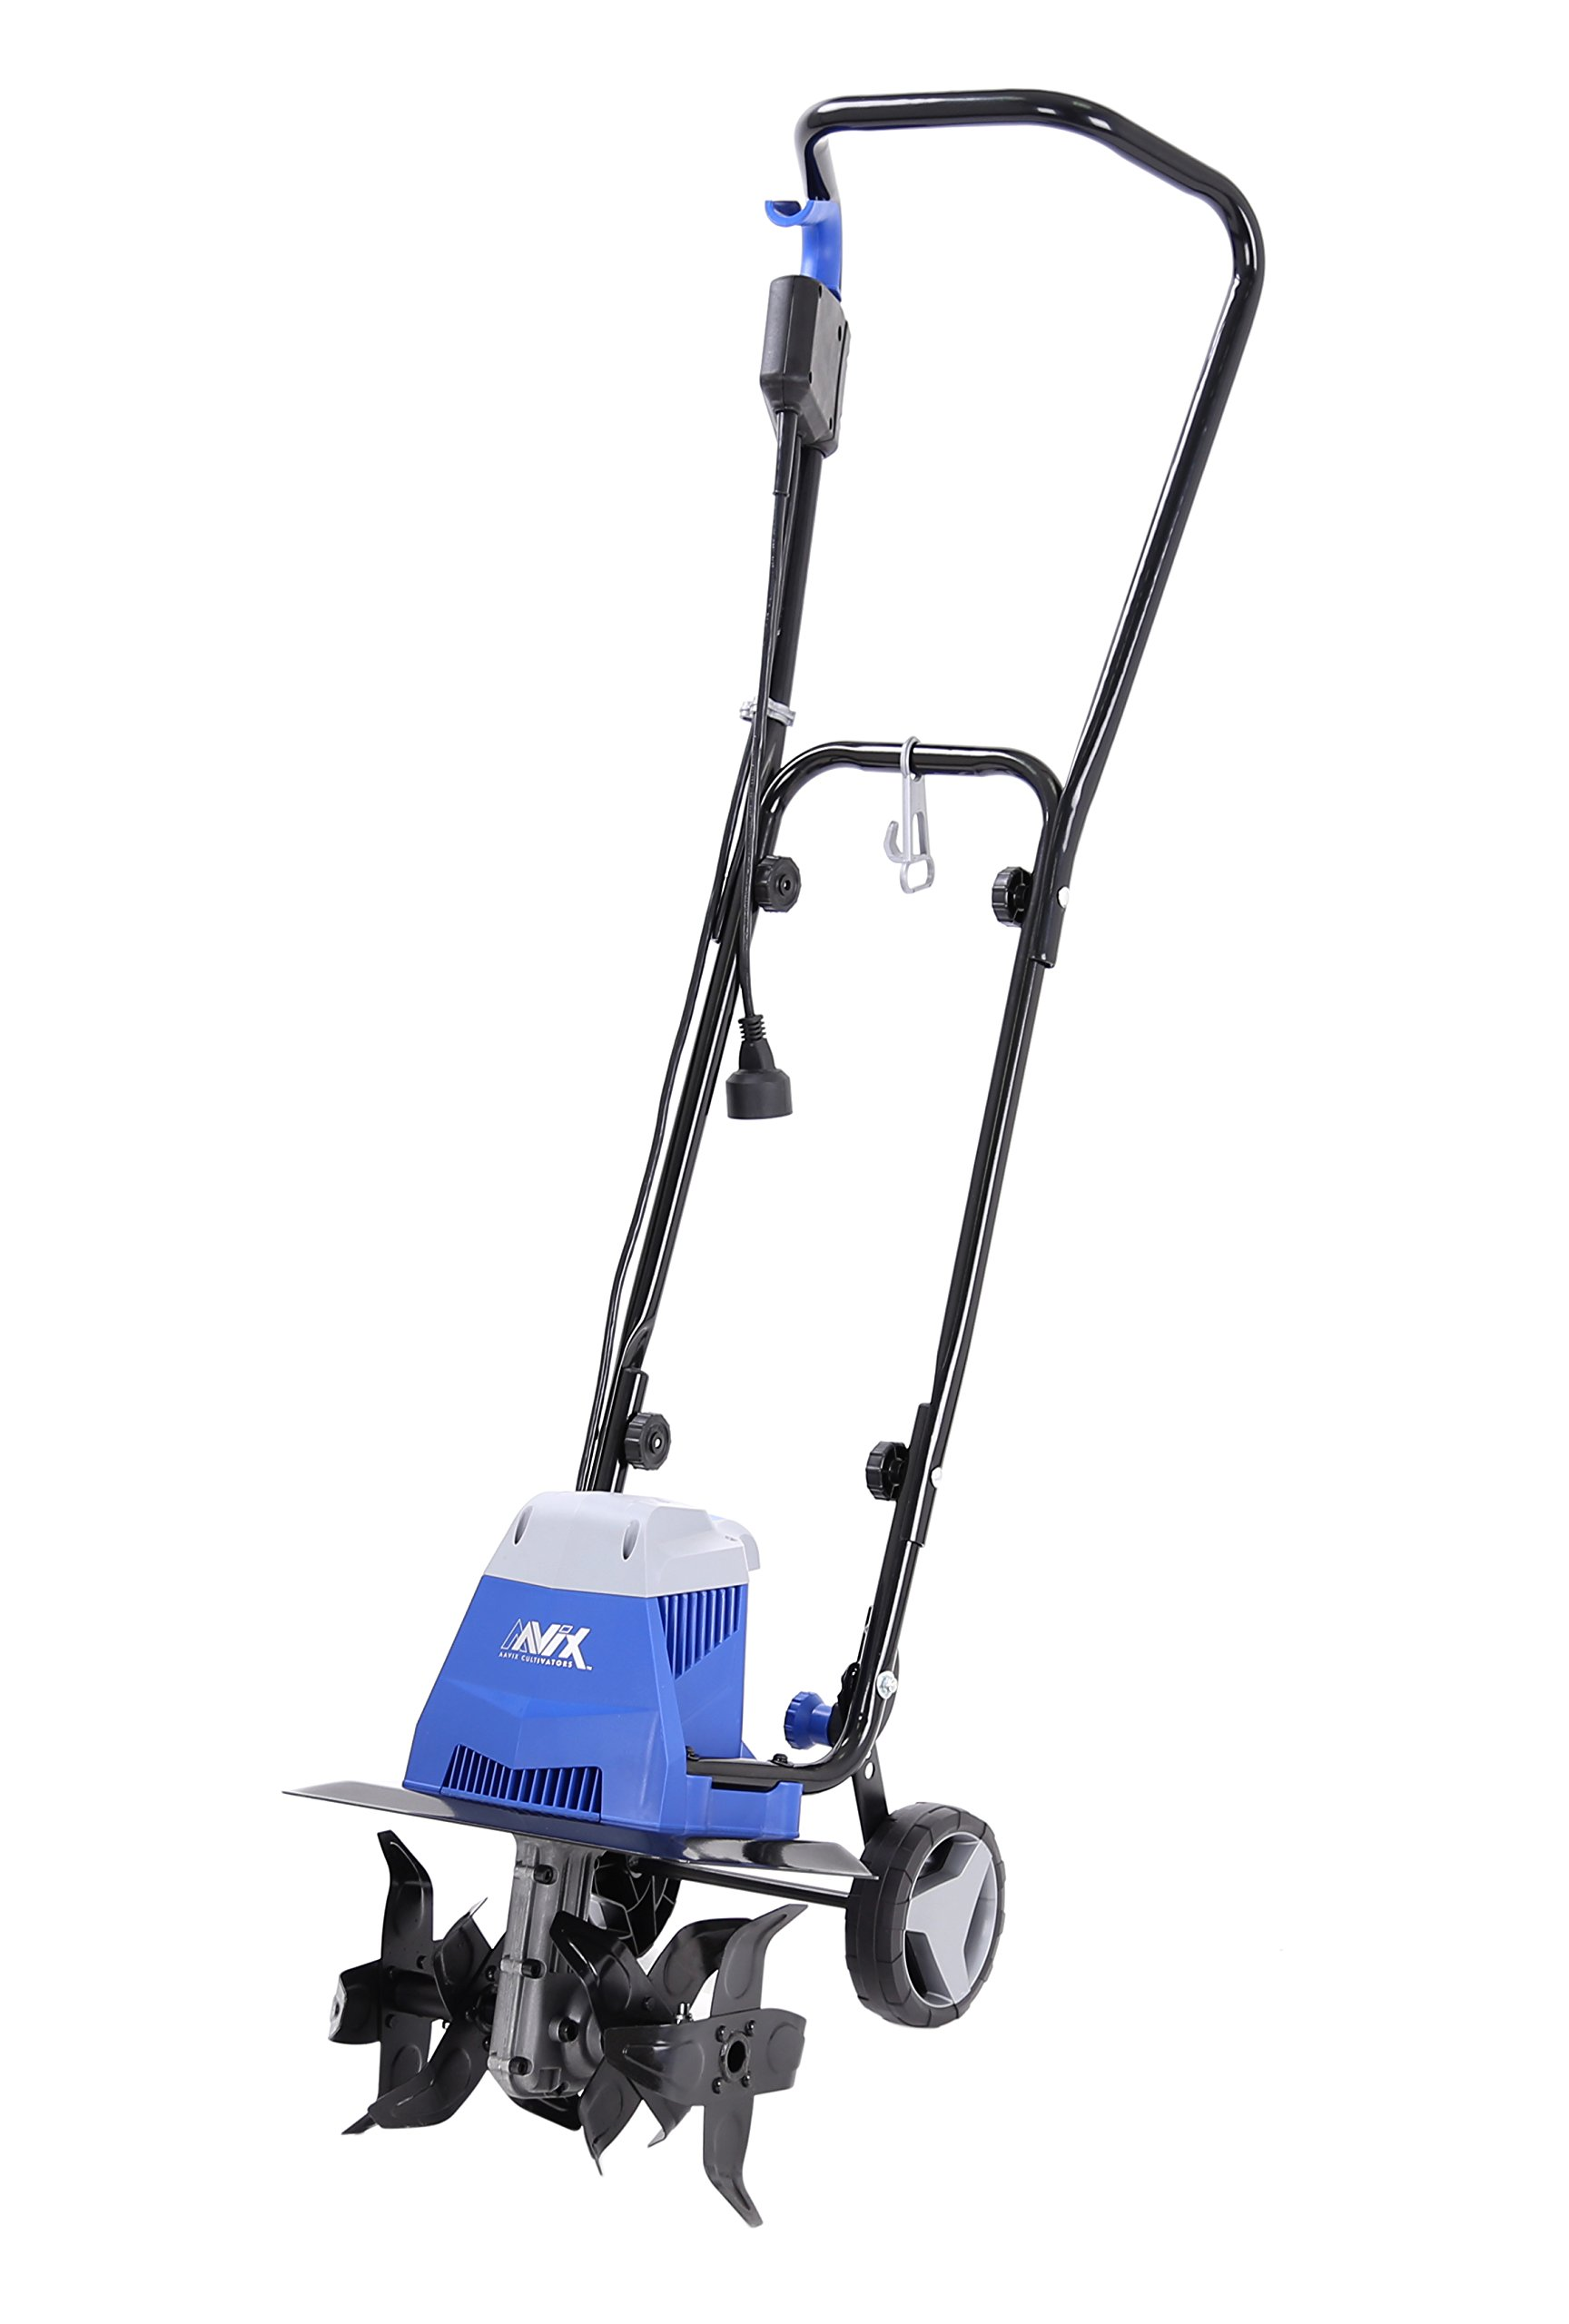 AAVIX AGT307 10 Amp Electric Tiller/Cultivator, 13'', Black/Blue